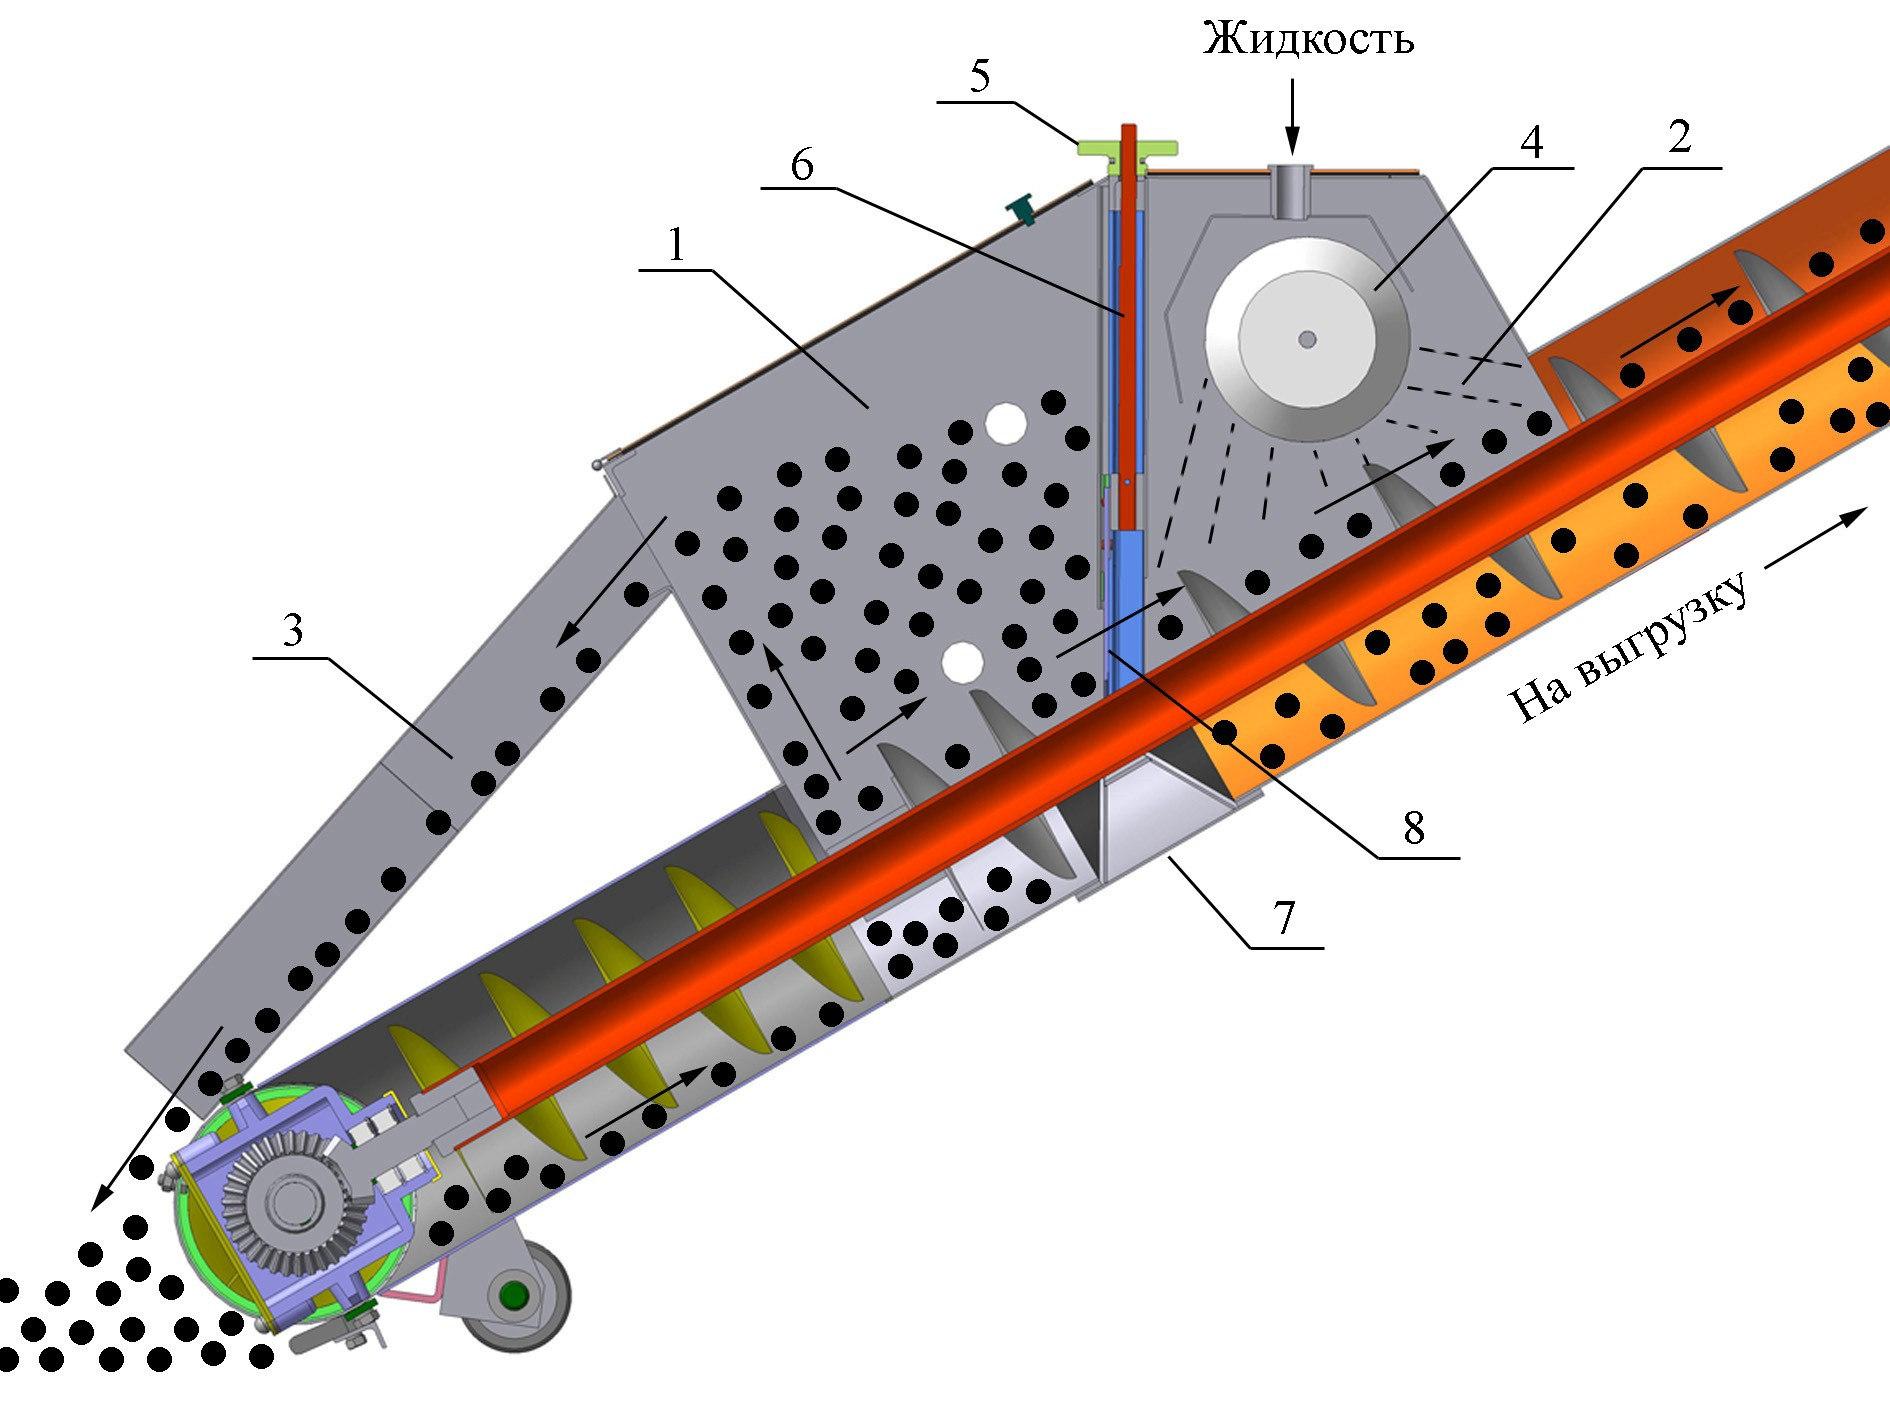 Технологическая схема протравливателя семян ПС-10 (Ремком, Беларусь)